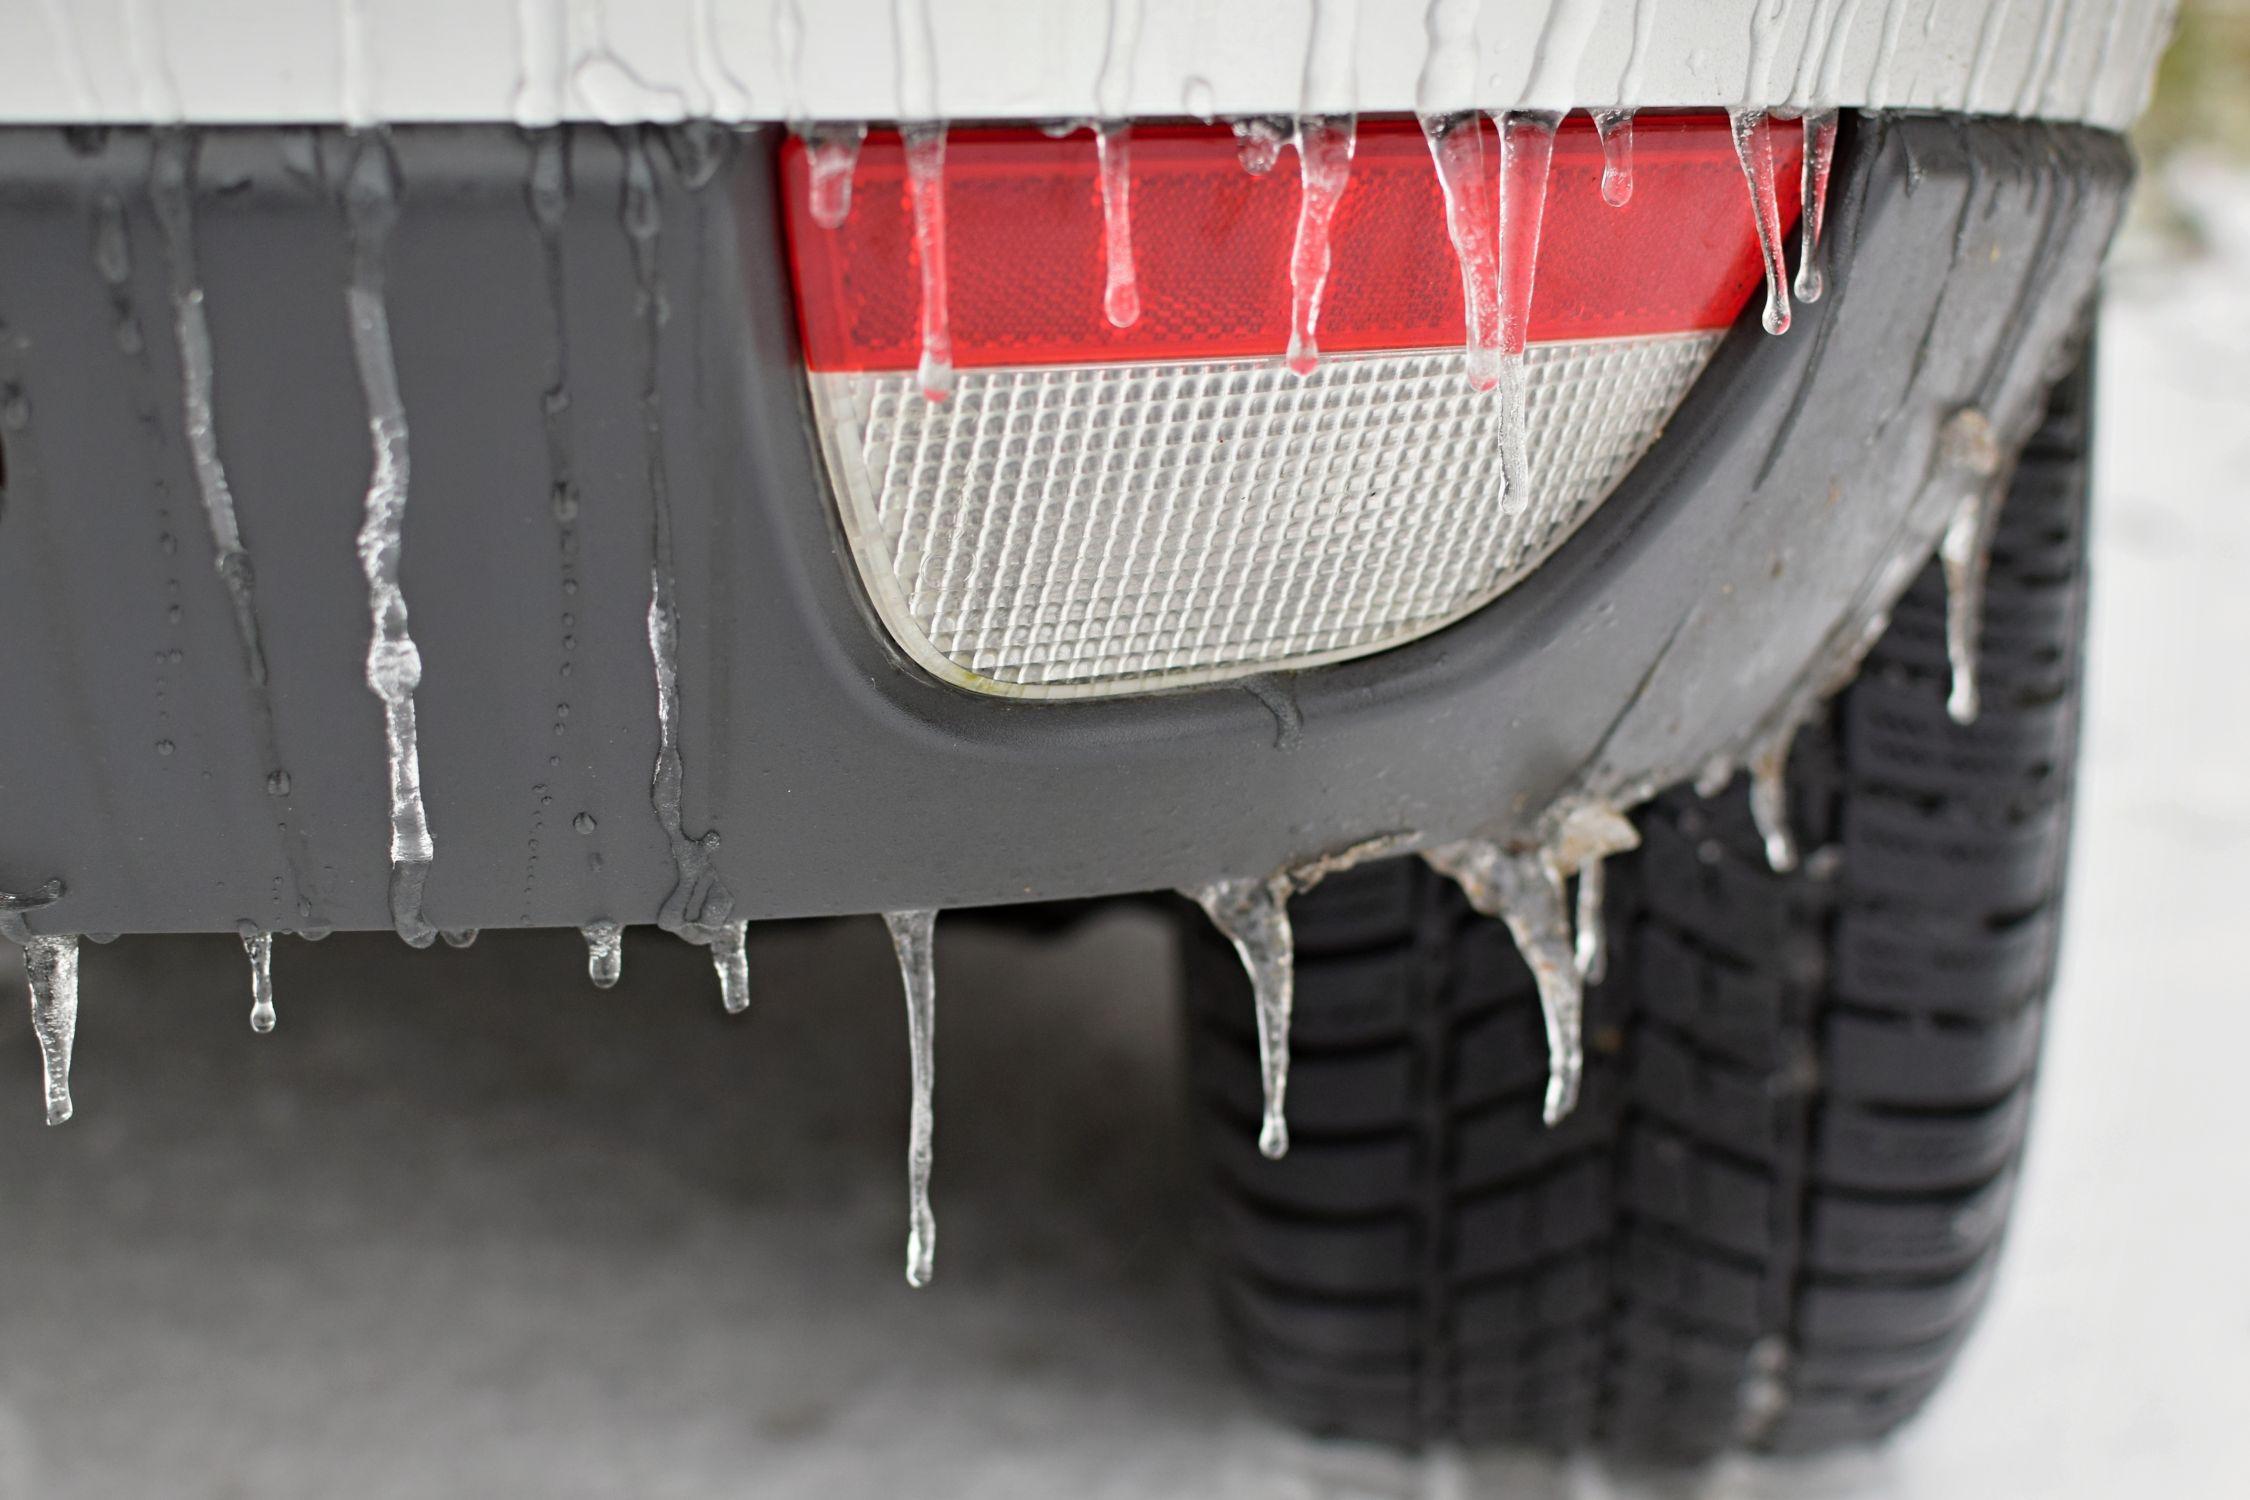 Cómo preparar su sistema de calefacción para las temperaturas de congelación - Blog - Cuidur